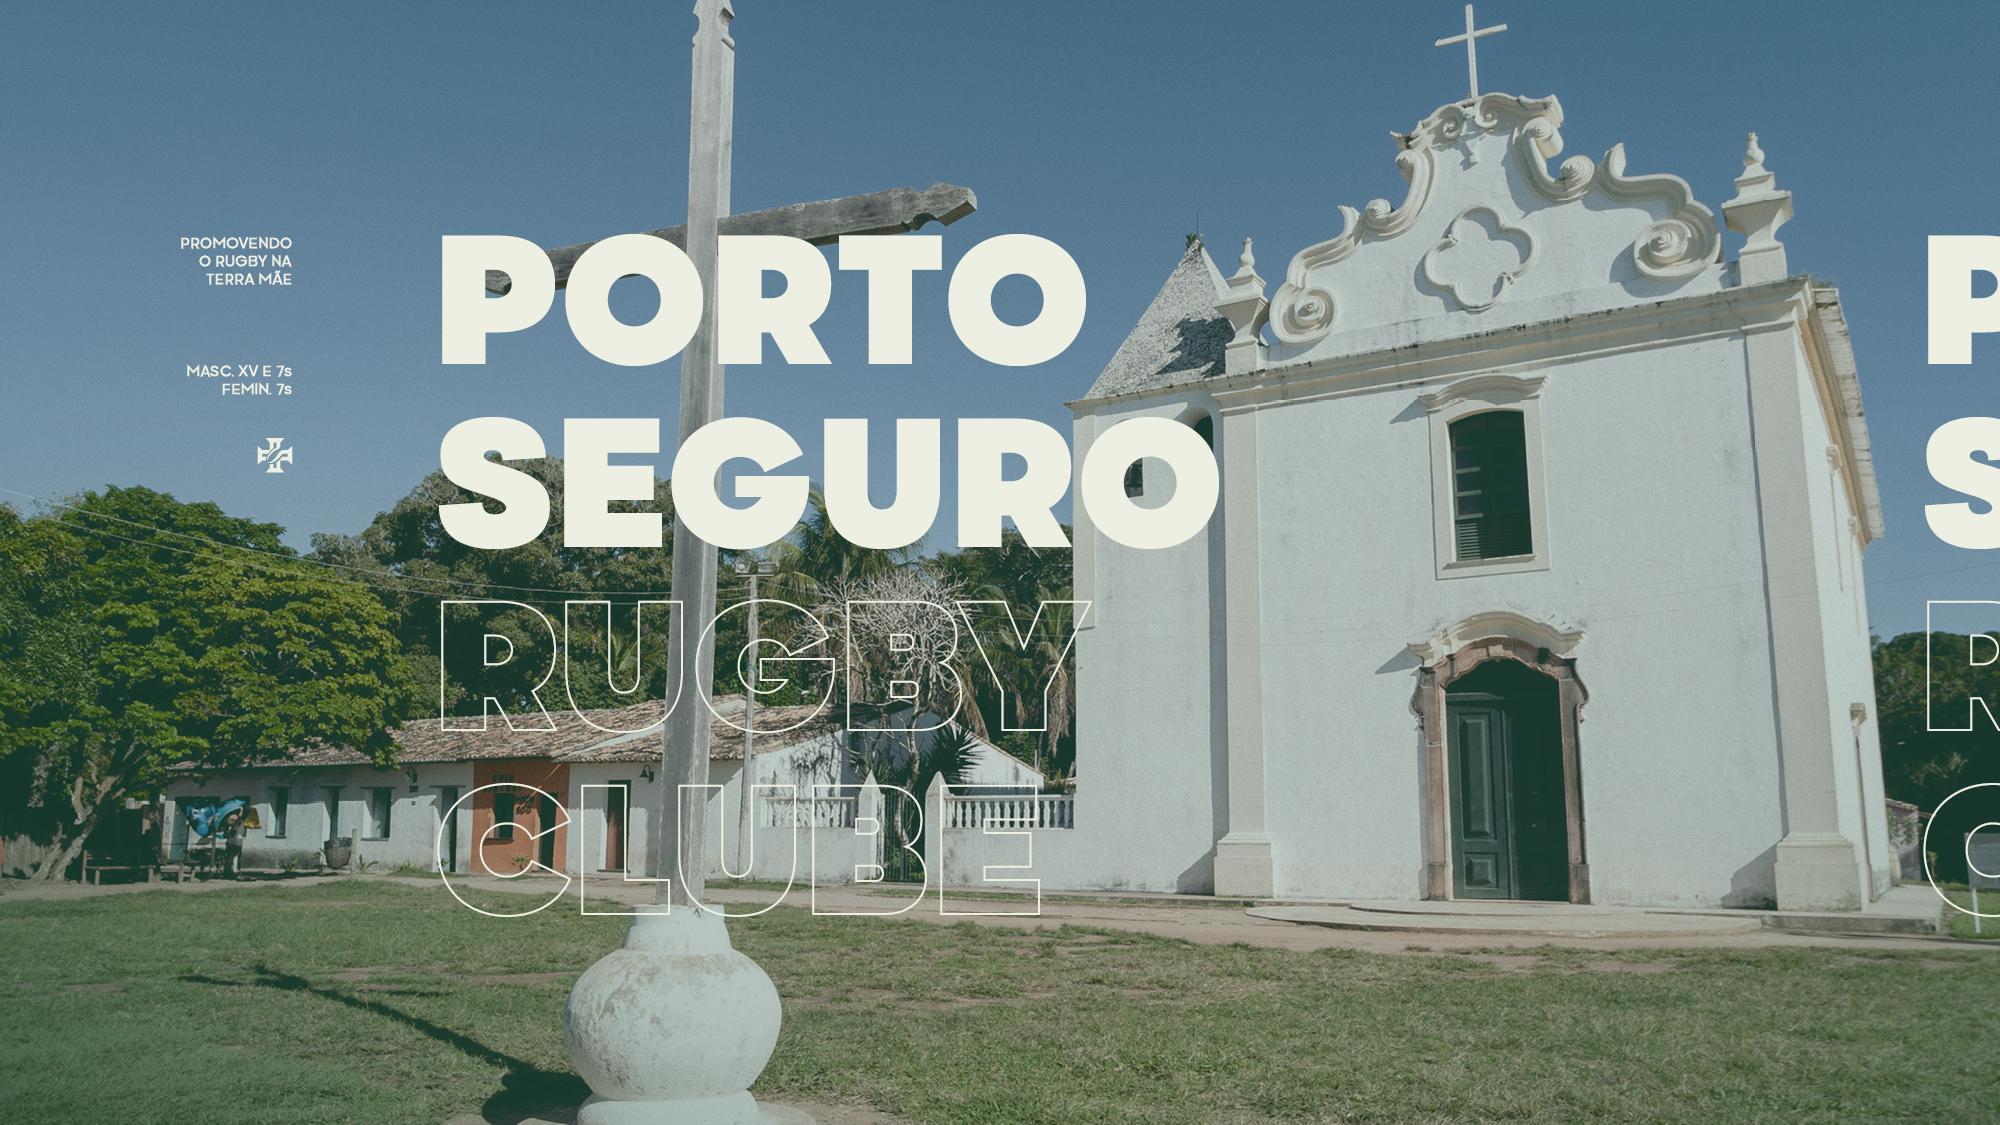 2020-Nacione-Branding-Porto-Seguro-Rugby-Clube5